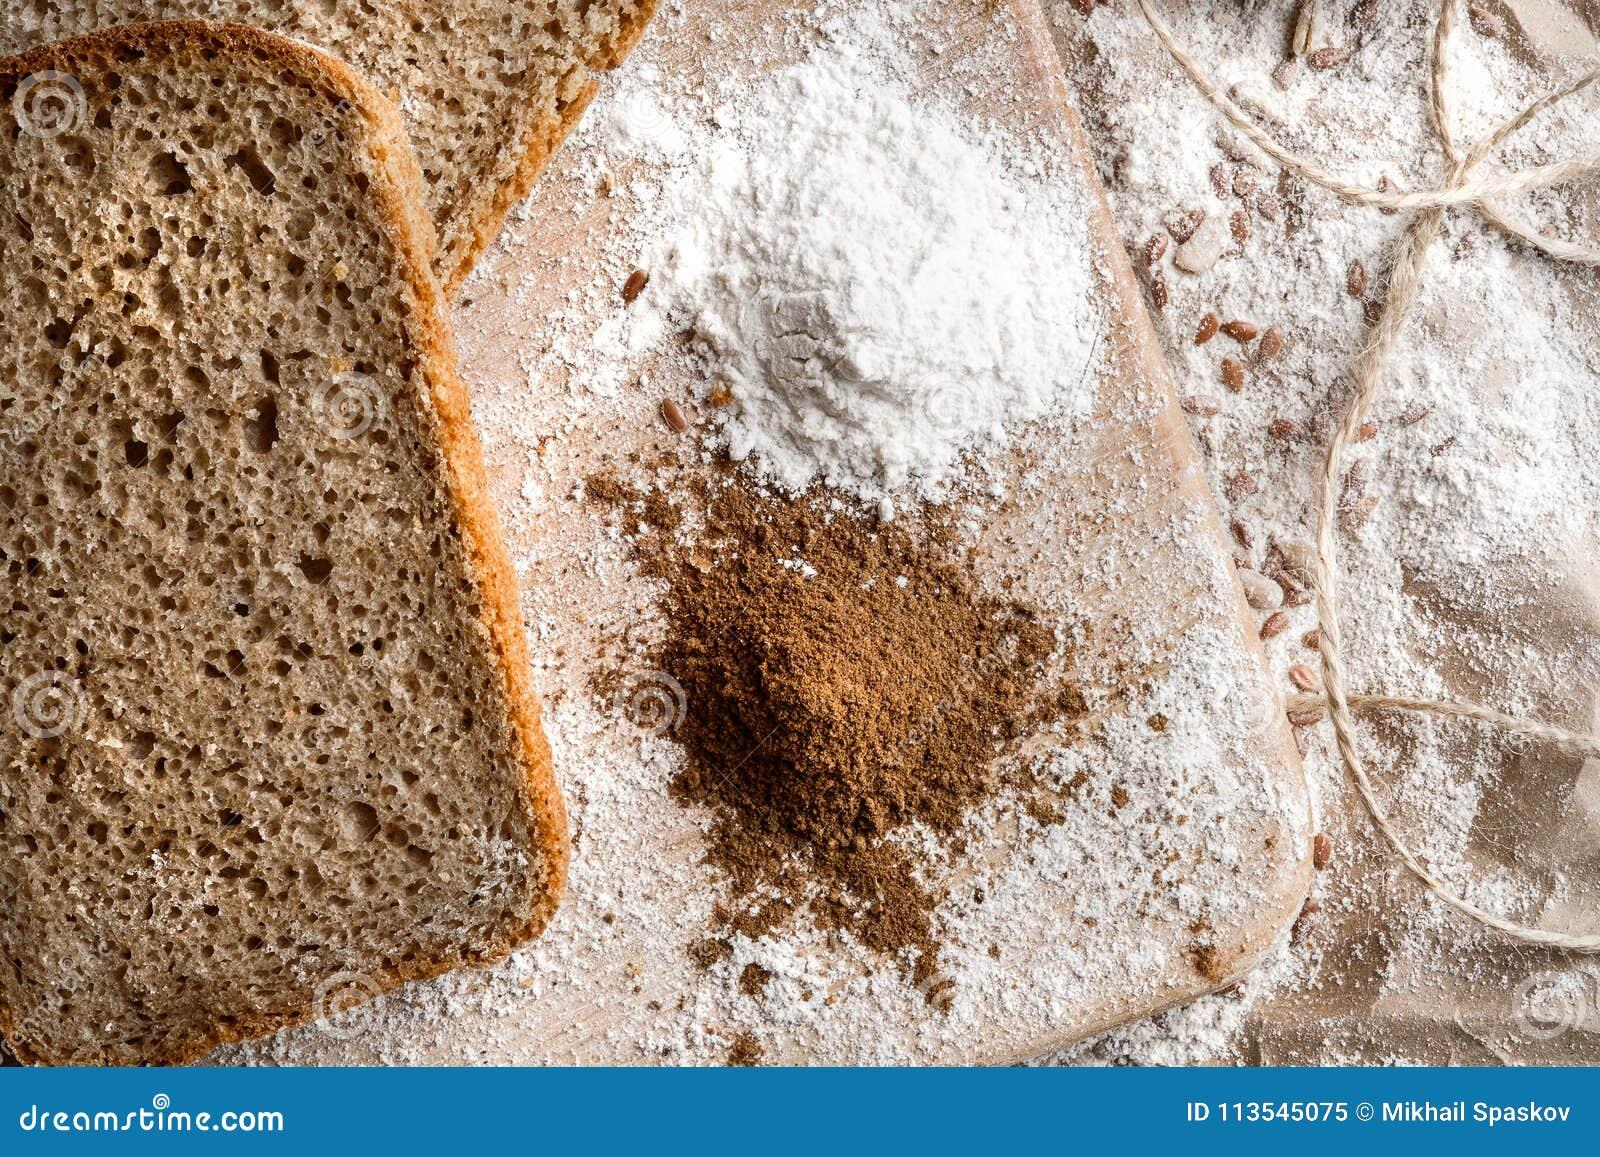 Rye bread on malt and flour, lies on the table. Near a pinch of flour and malt.